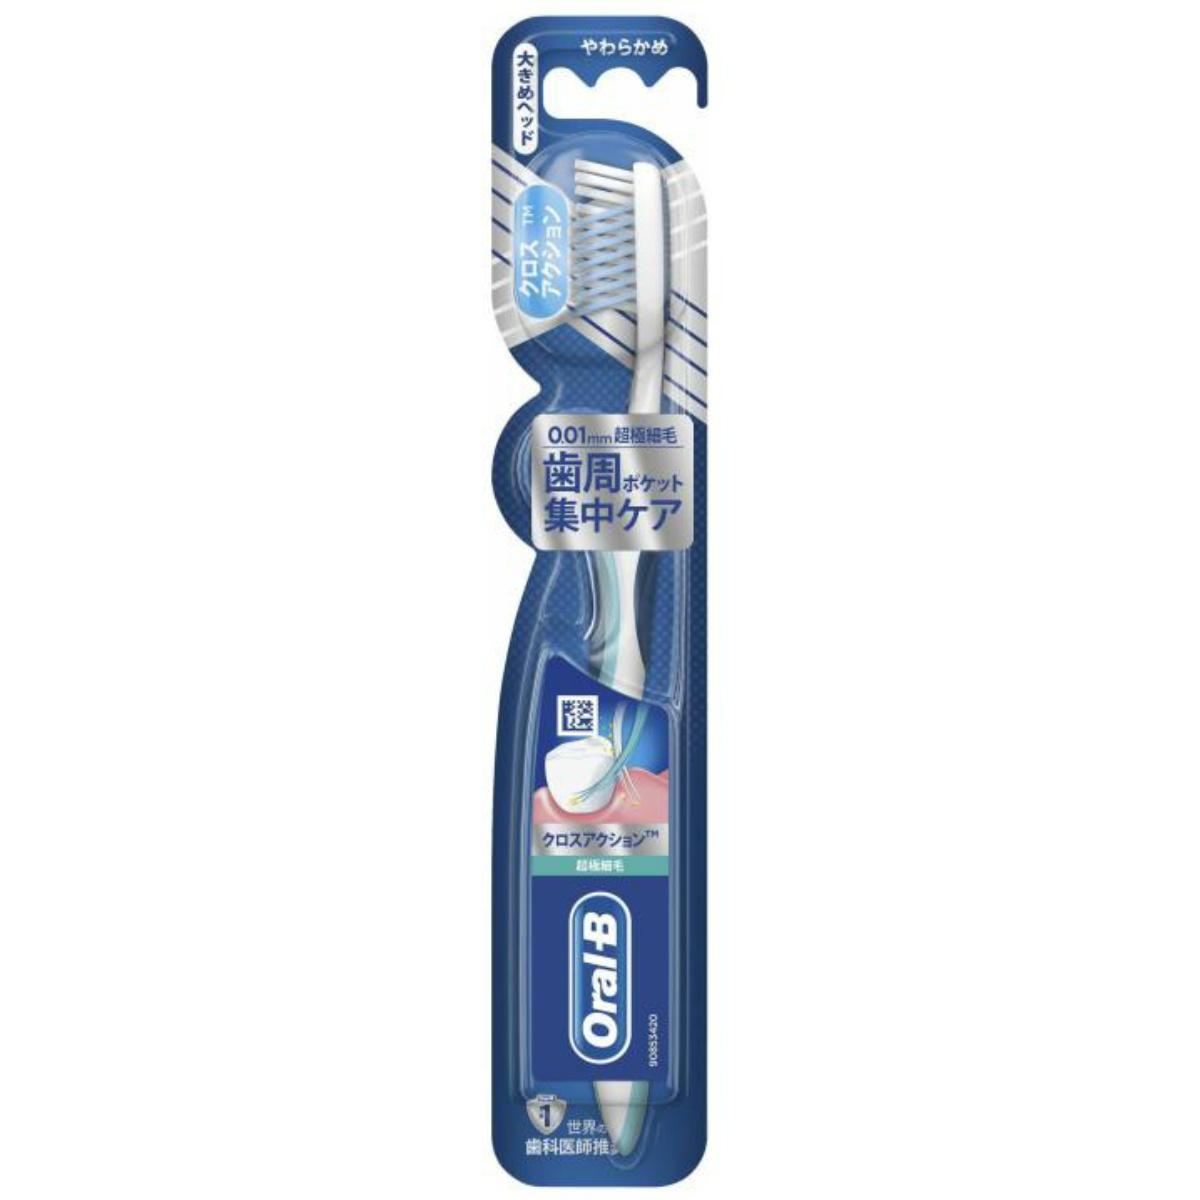 【送料込・まとめ買い×96個セット】P&G オーラルB クロスアクション 超極細毛 1本入 歯ブラシ ※カラーは選べません